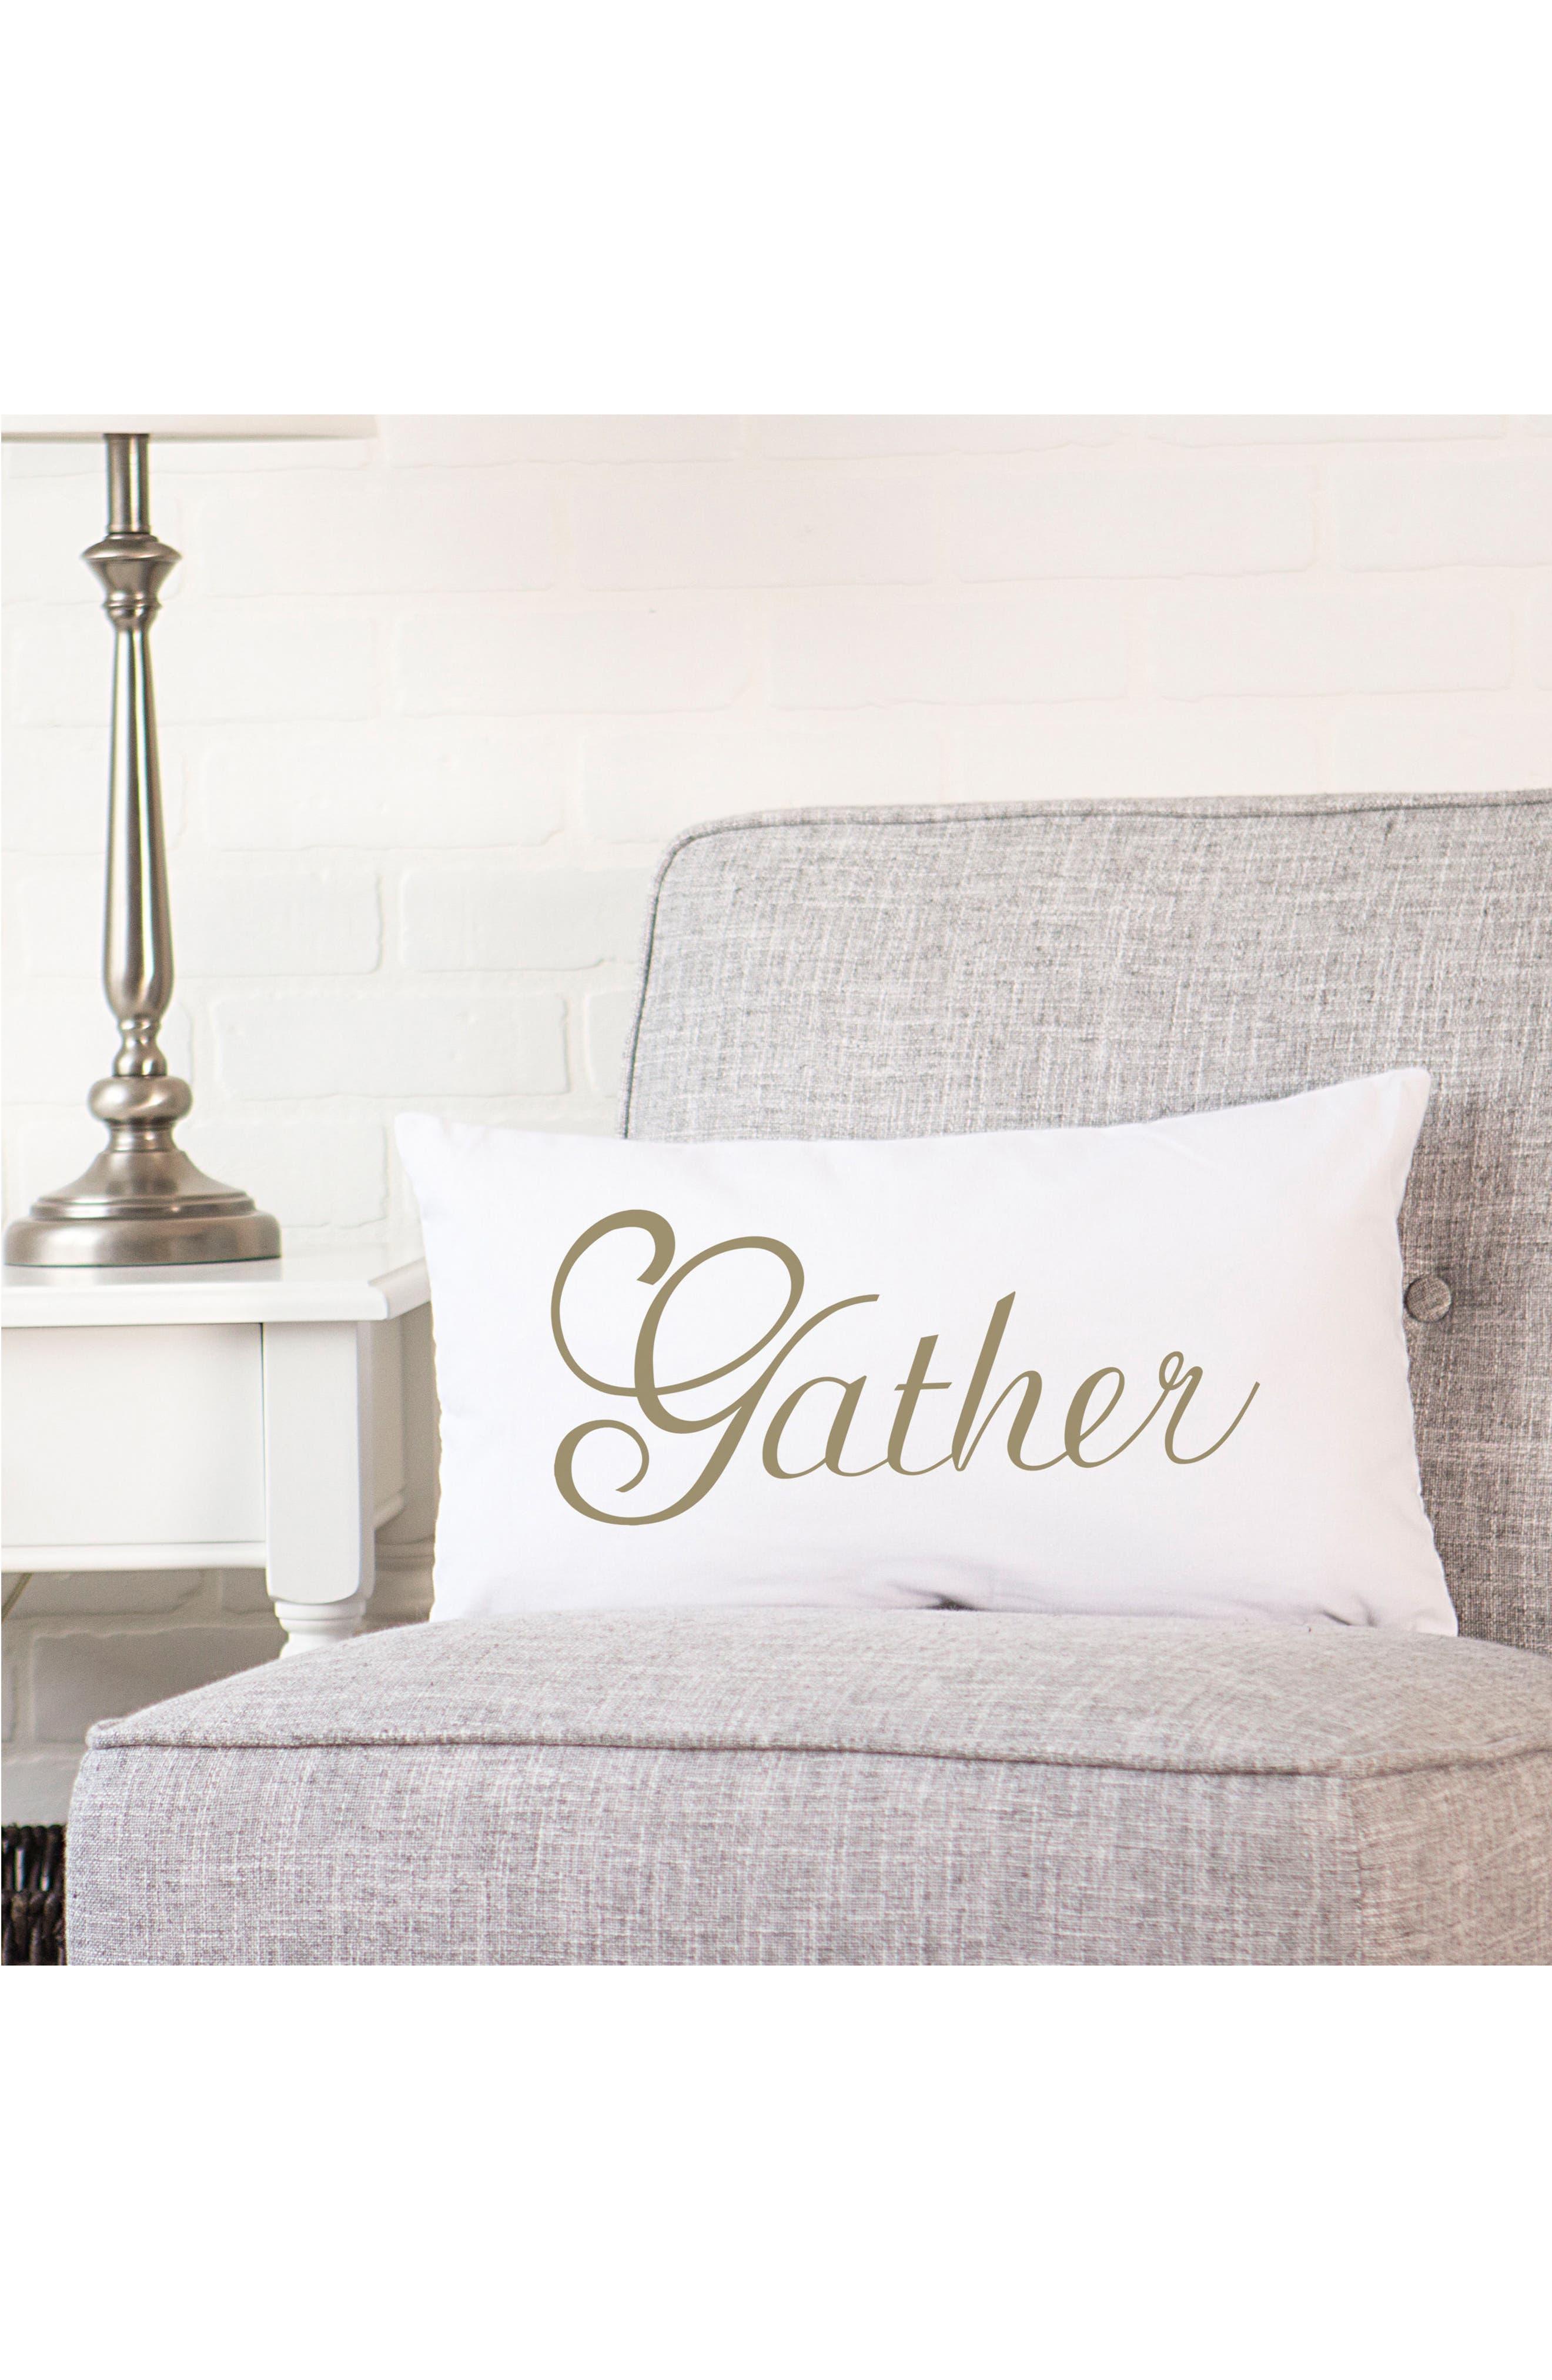 Gather Lumbar Accent Pillow,                             Alternate thumbnail 3, color,                             710